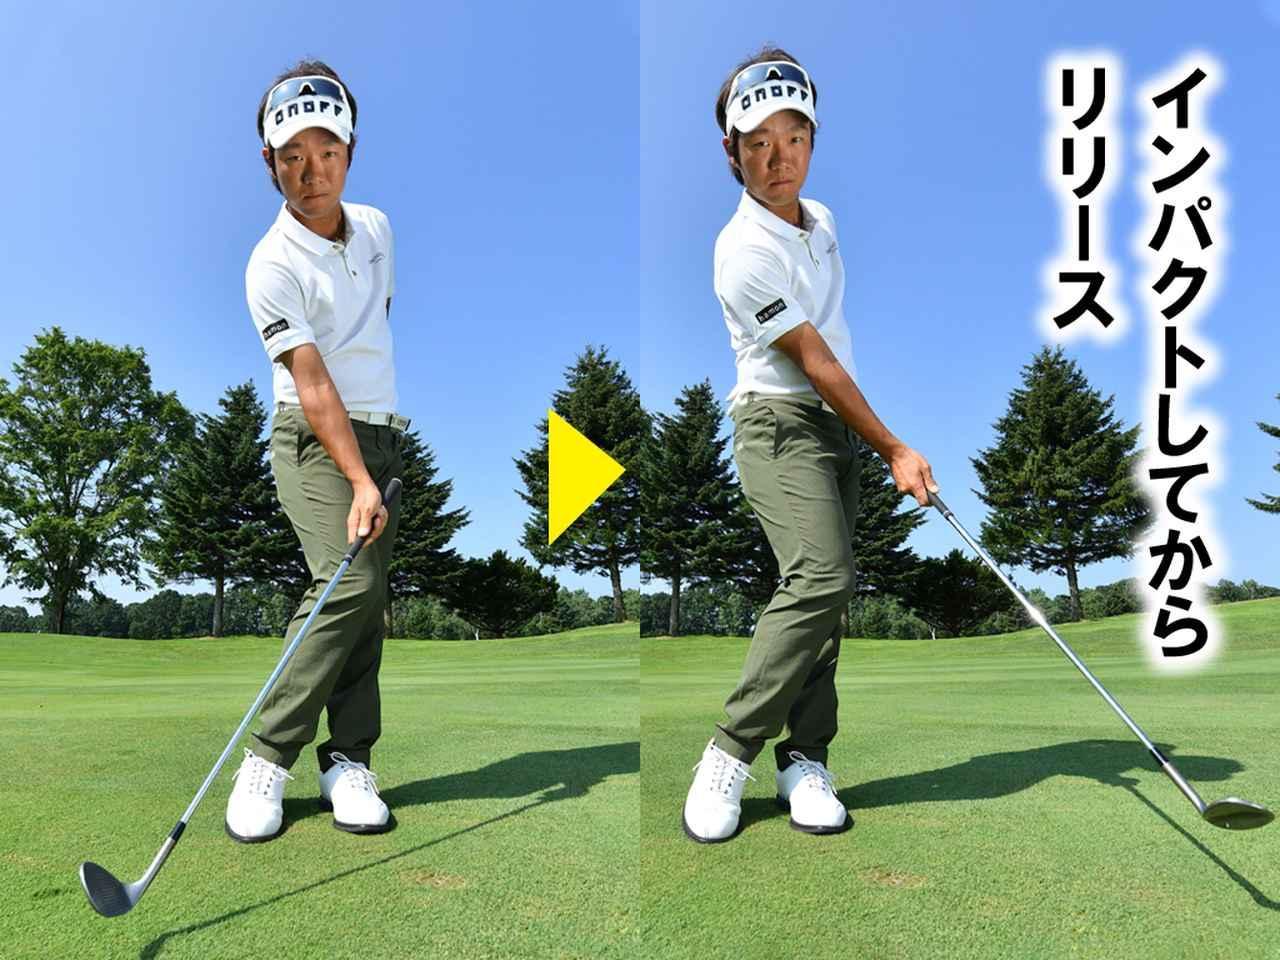 画像: 右手の角度はキープしたまま、体の回転で打ち出す